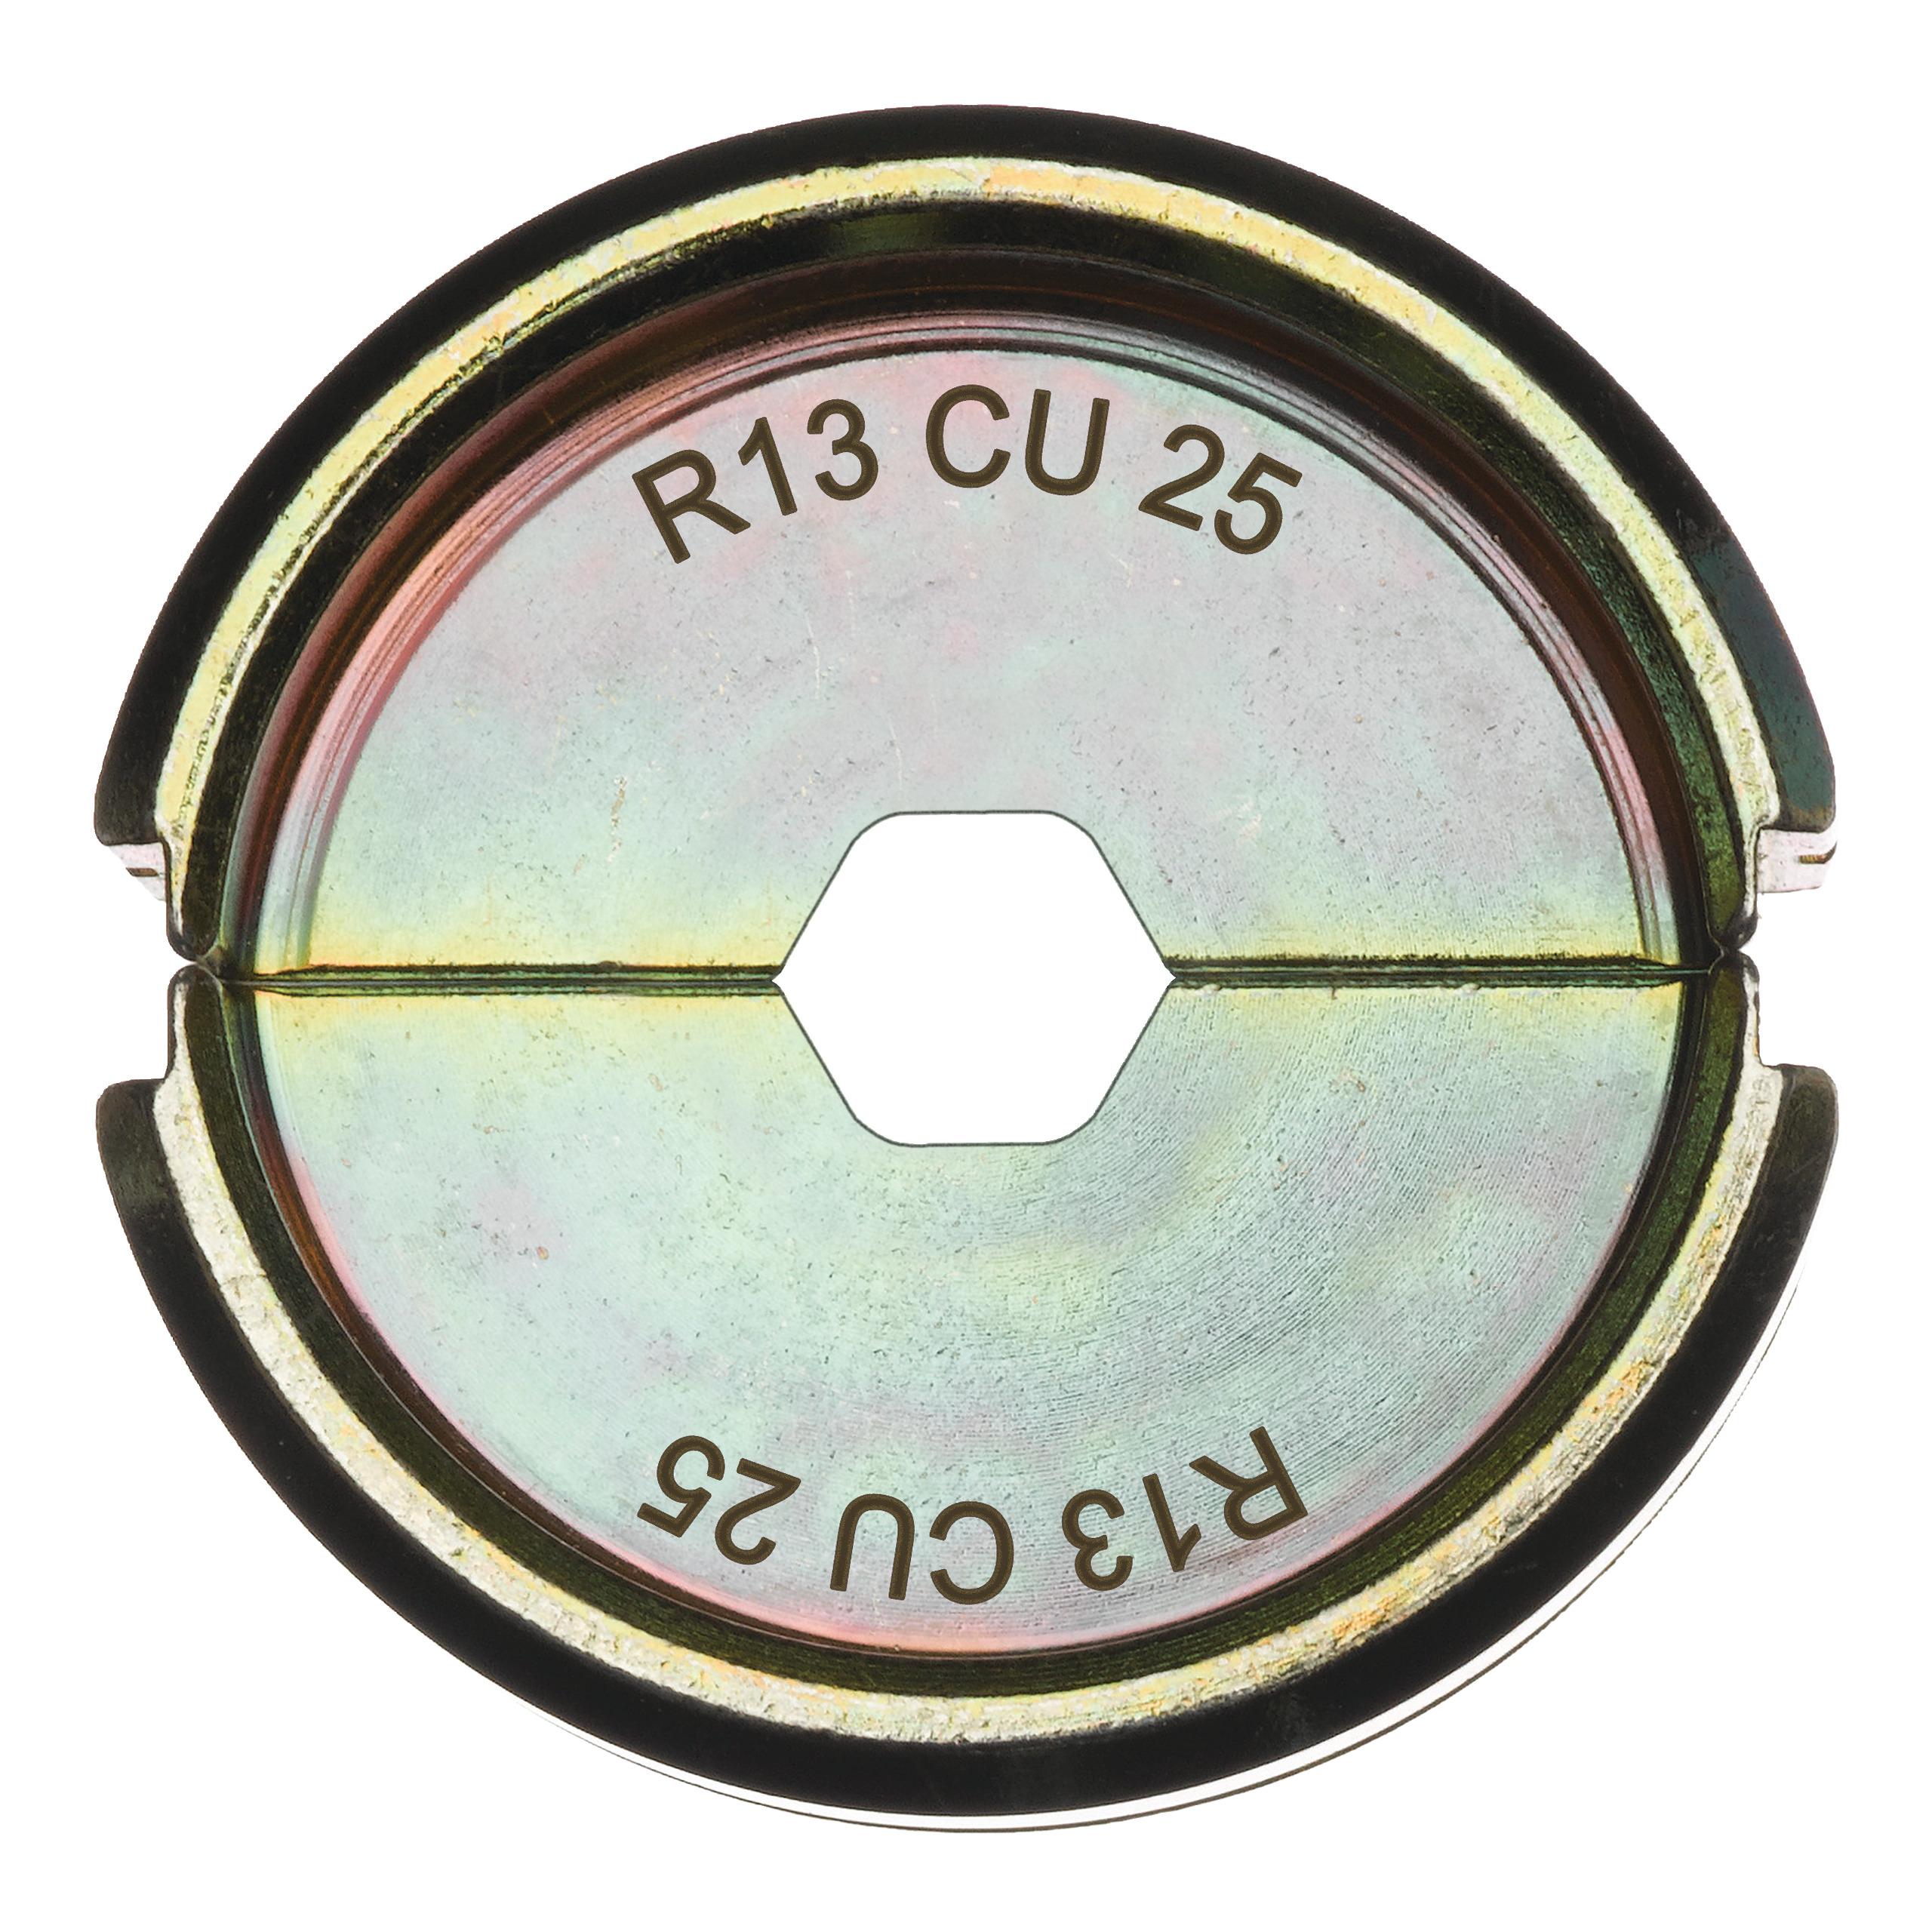 R13 CU 25-1PC Pojistný kroužek